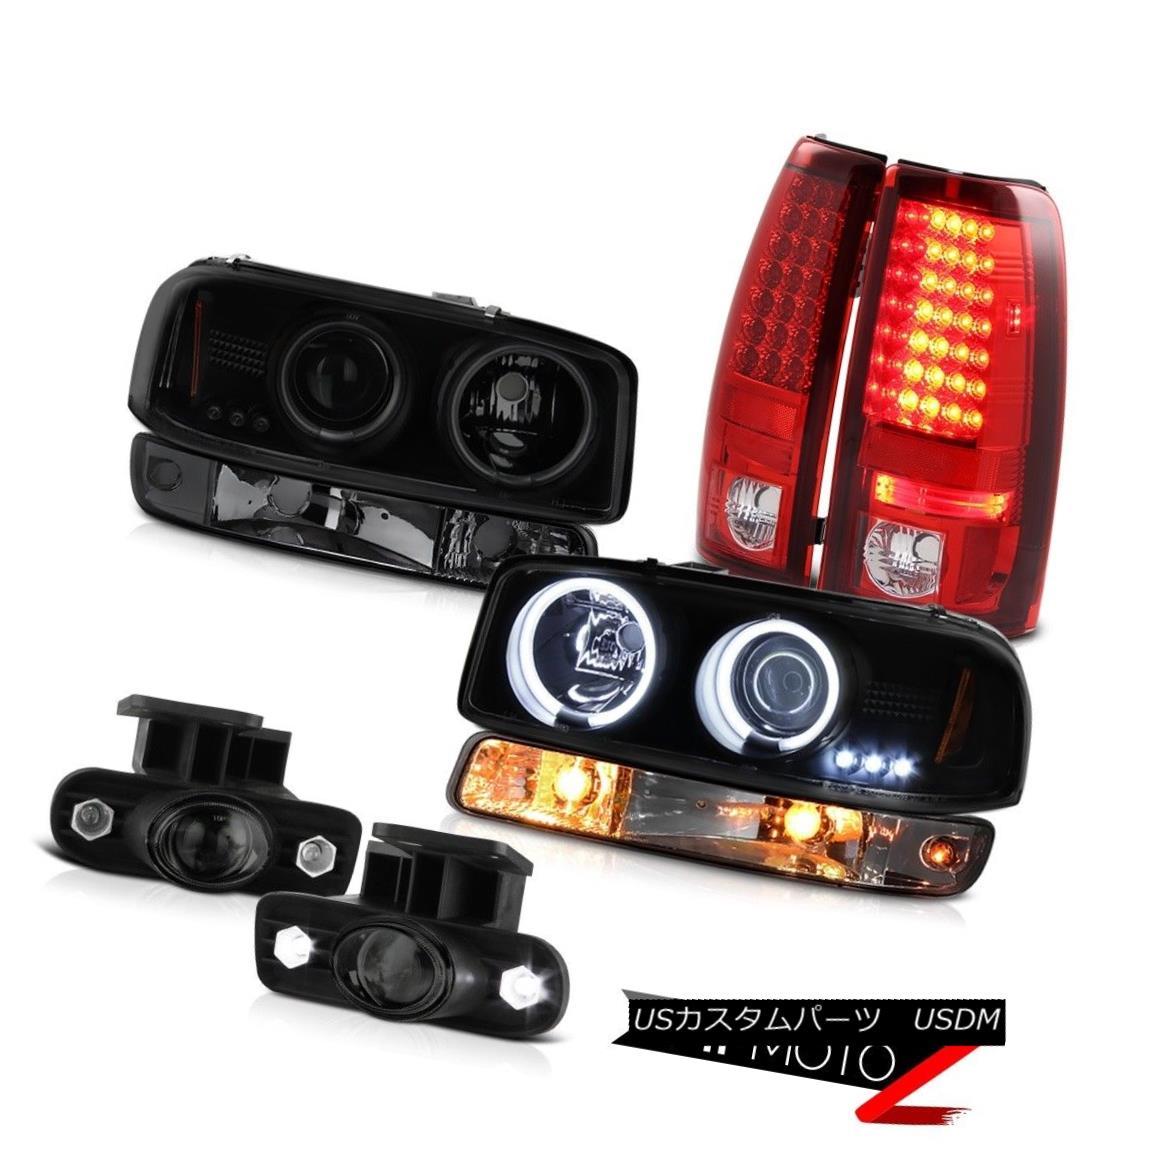 テールライト 99-02 Sierra 5.3L Smokey fog lamps smd tail brake bumper light ccfl Headlamps 99-02シエラ5.3Lスモーキーフォグランプsmdテールブレーキバンパーライトccflヘッドランプ